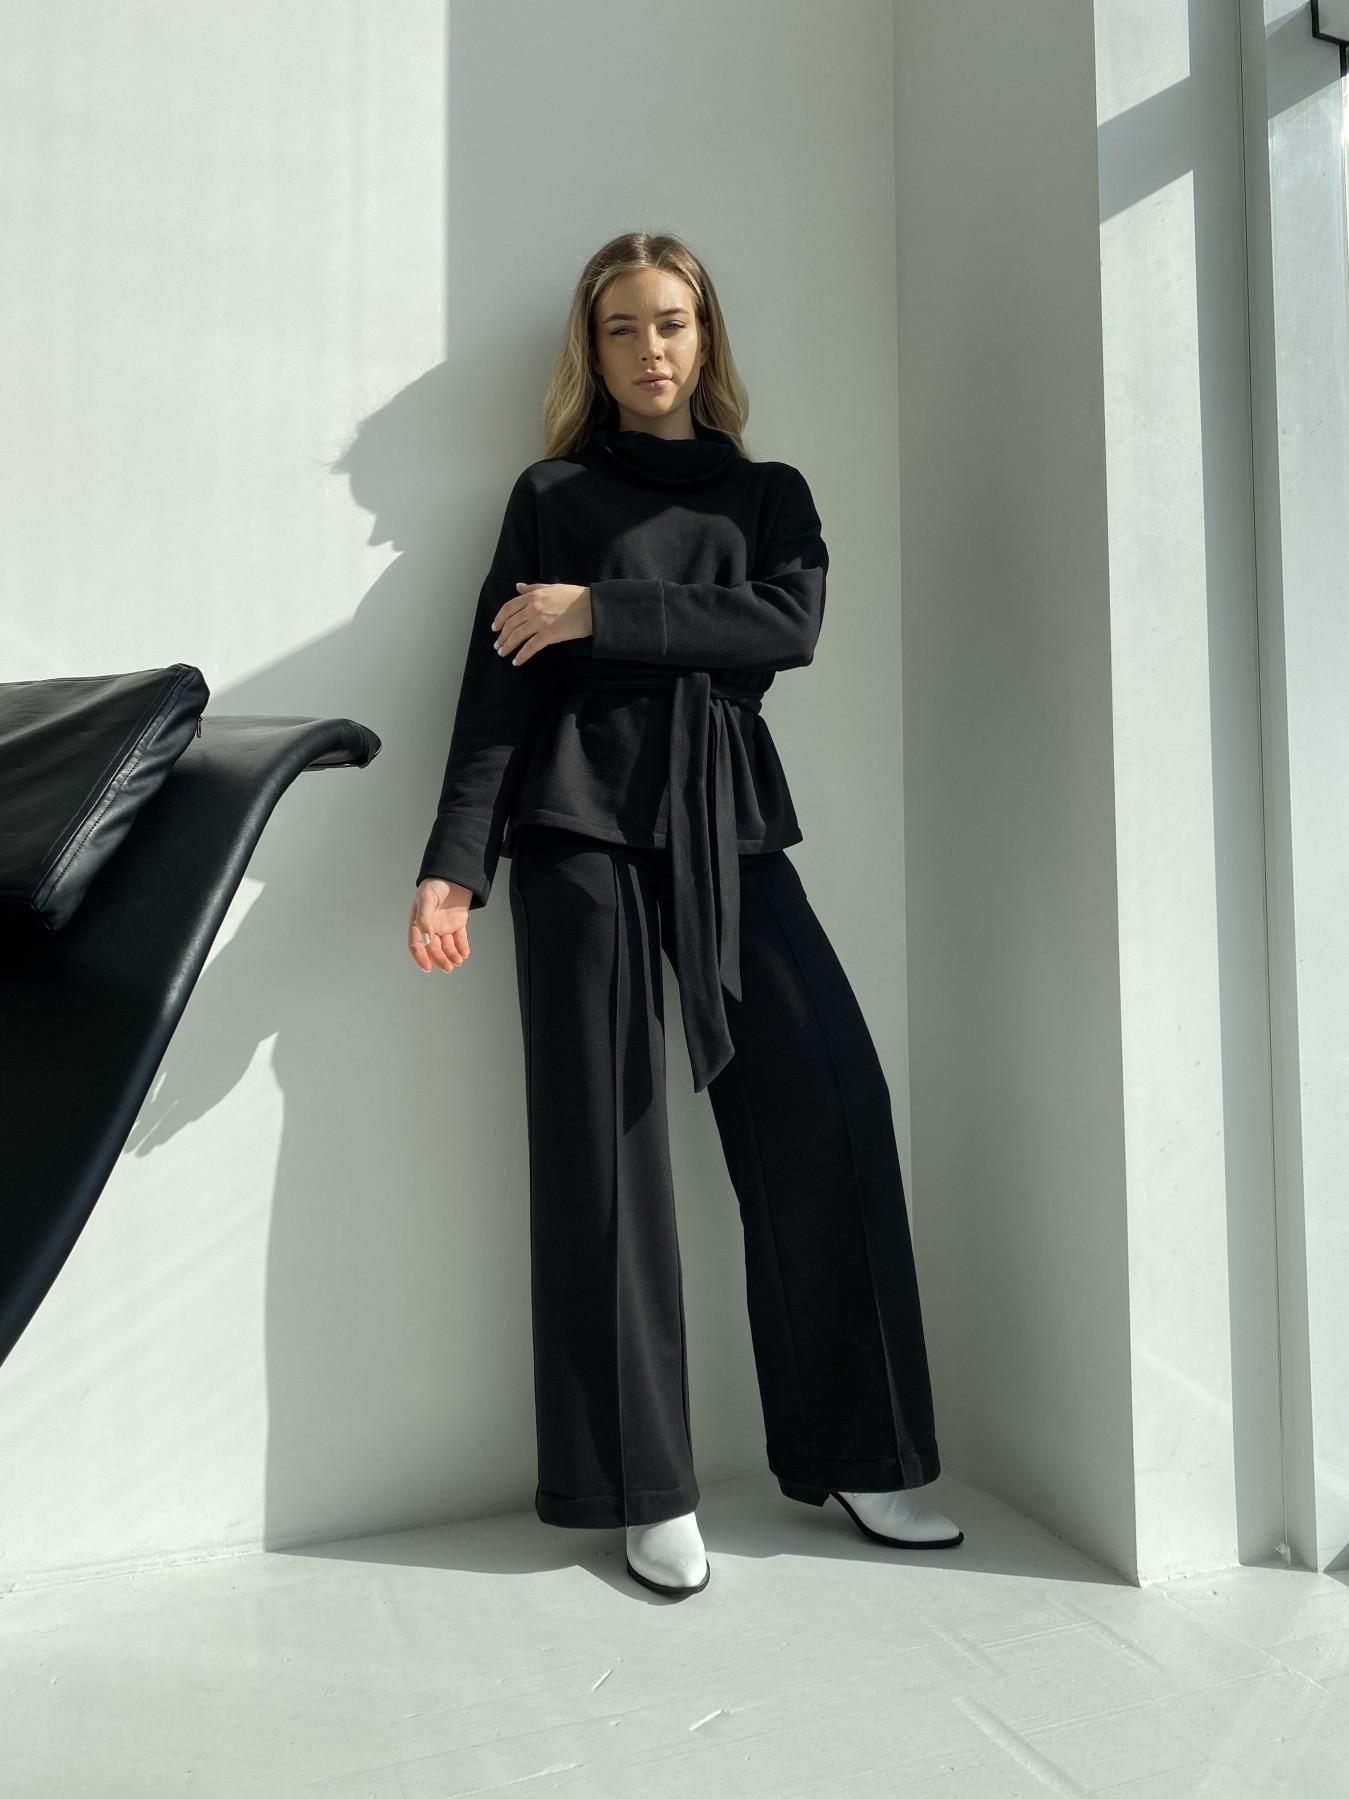 Джаст костюм Oversize  3х нитка 10564 АРТ. 47243 Цвет: Черный - фото 4, интернет магазин tm-modus.ru